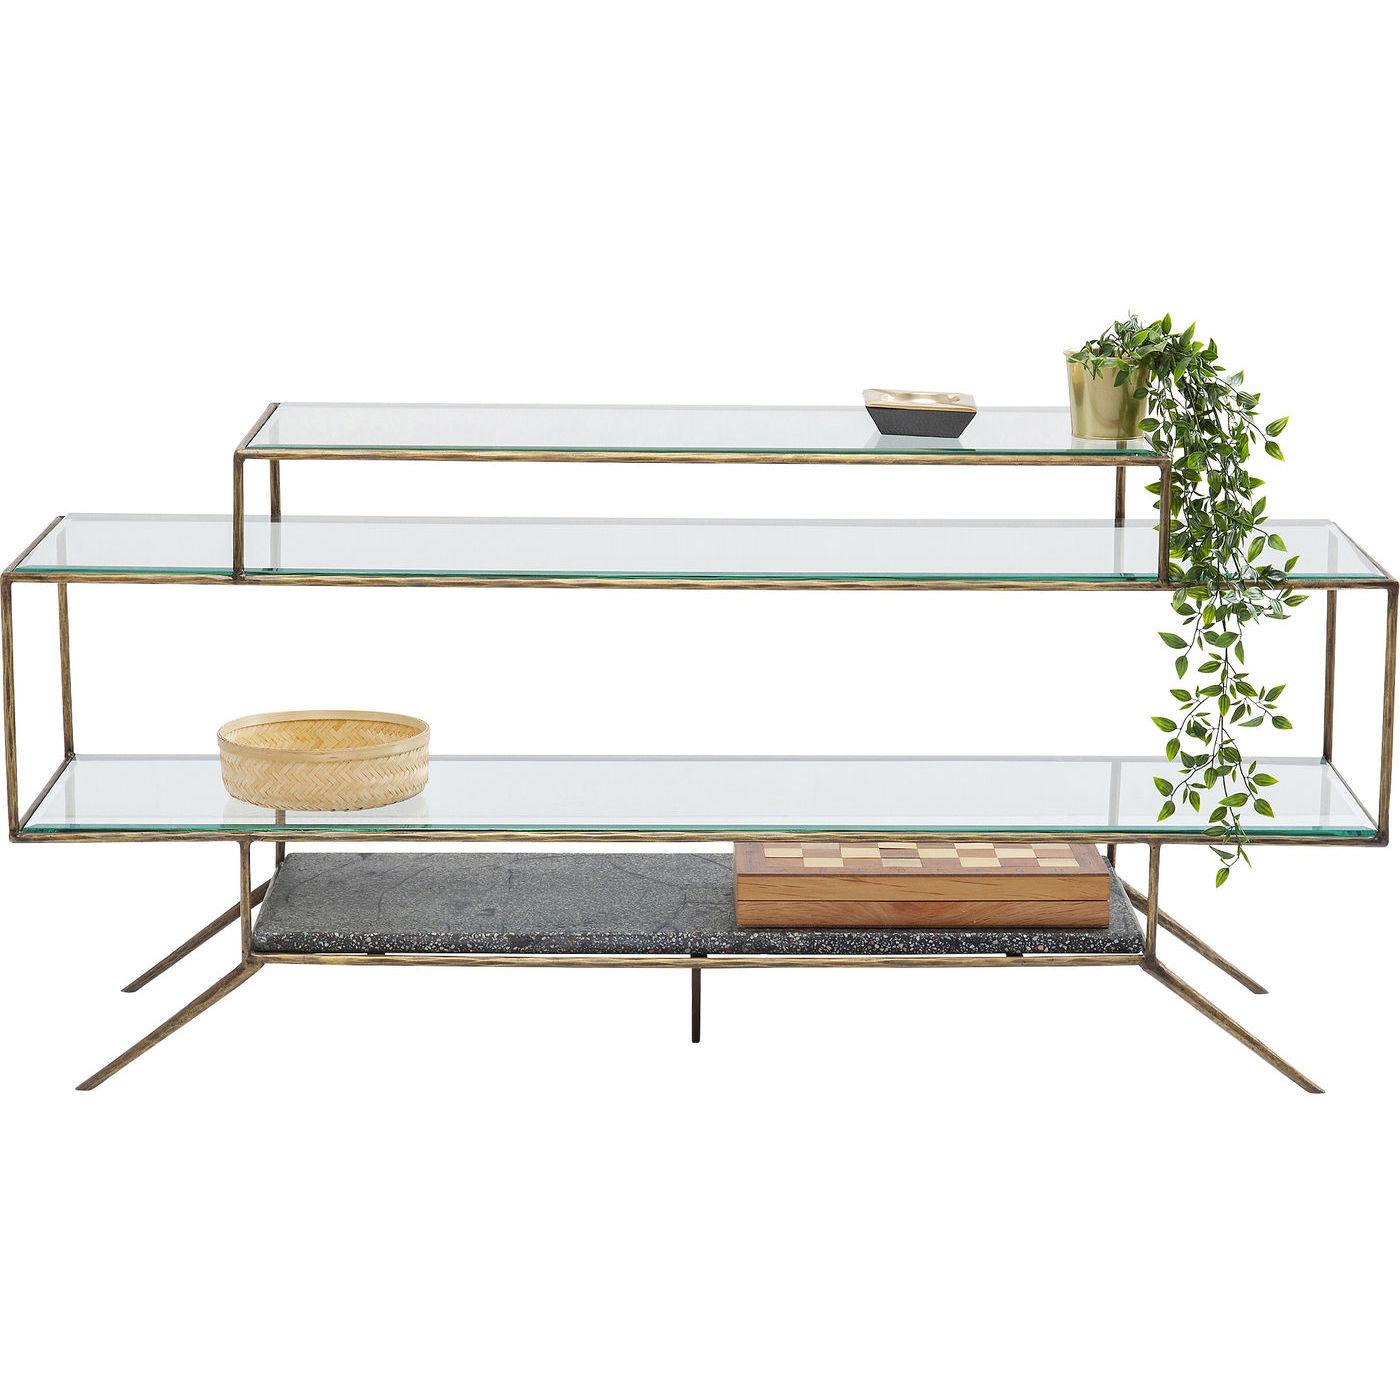 kare design Kare design terrazzo tv-bord - klart glas/multifarvet beton/messing stål, m. hylder på boboonline.dk